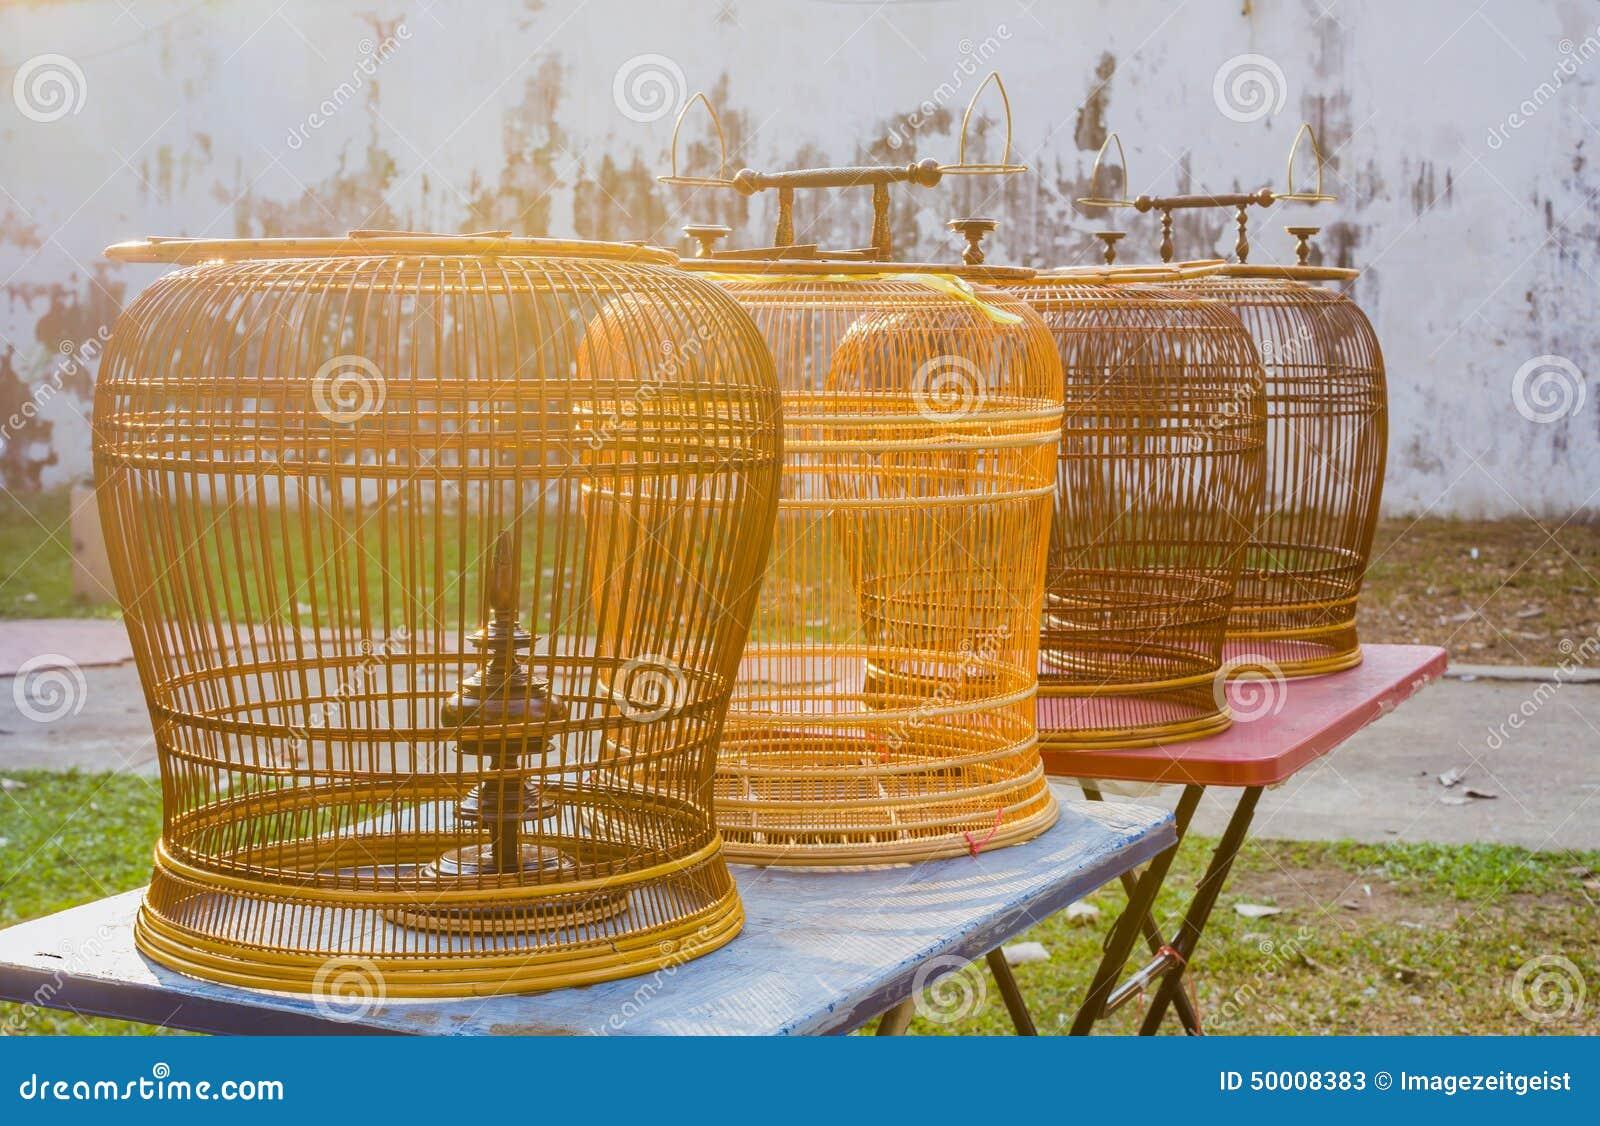 cages oiseaux en bois de rotin sur les tables image stock image 50008383. Black Bedroom Furniture Sets. Home Design Ideas